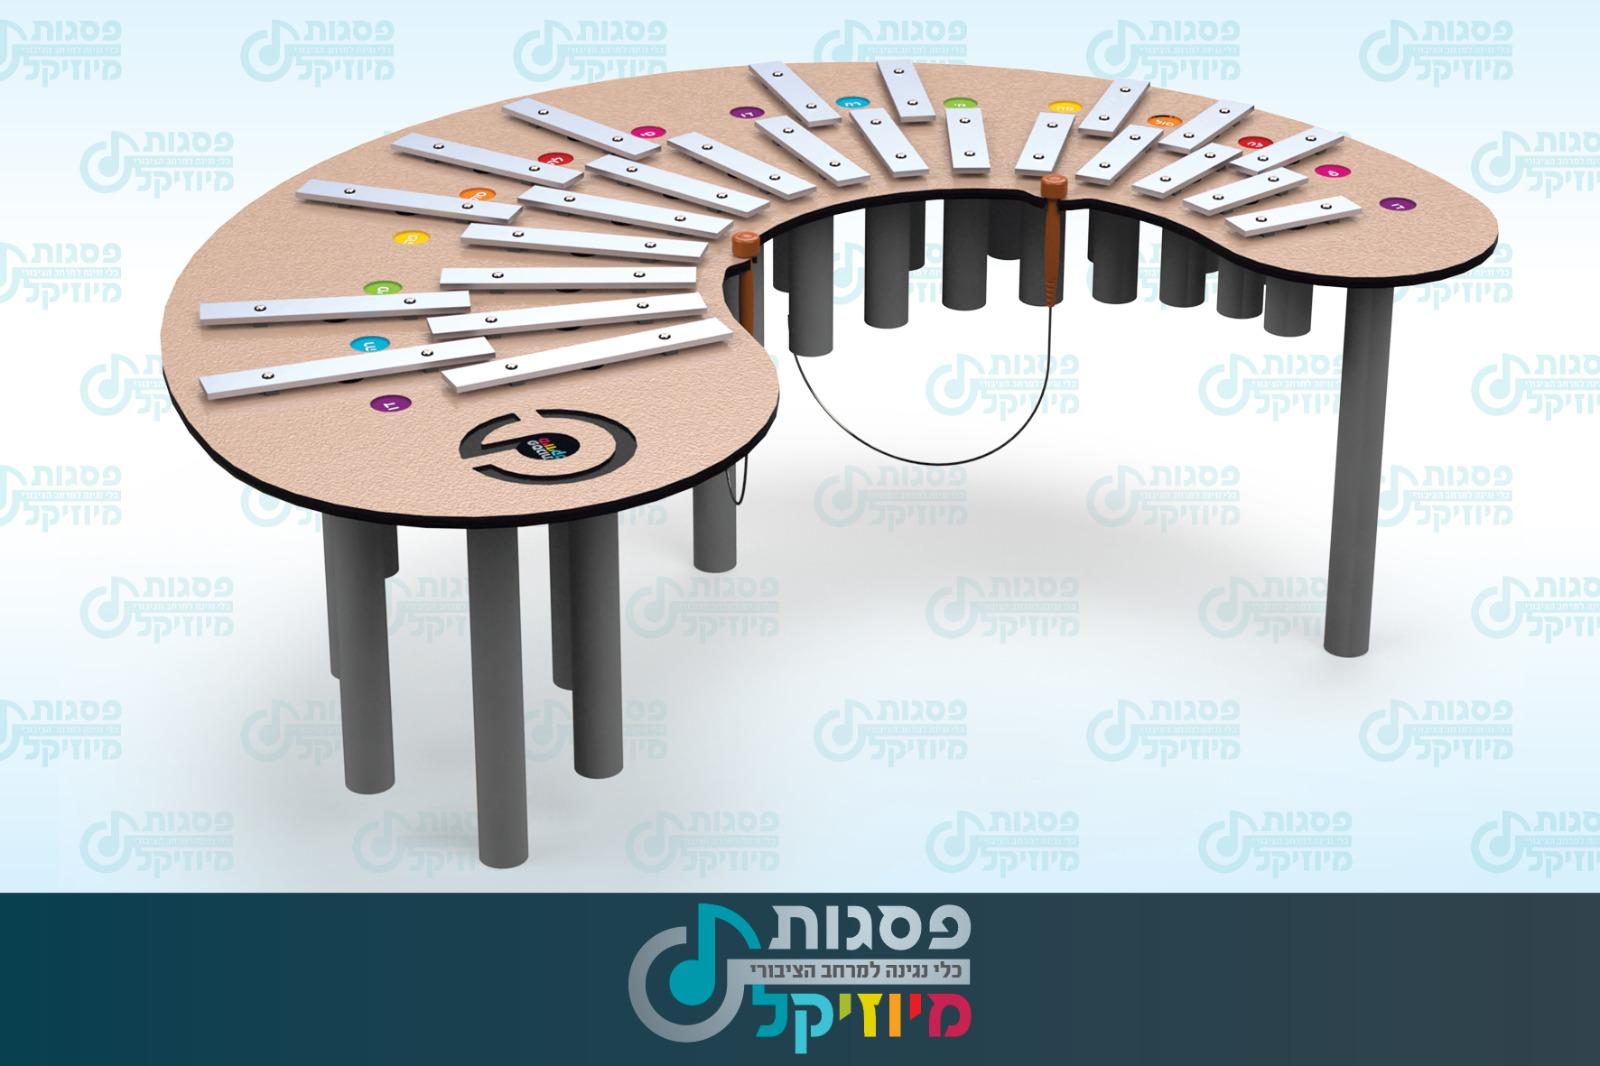 אורגן MU-P9602, פסגות מיוזיקל, כלי נגינה במרחב הציבורי